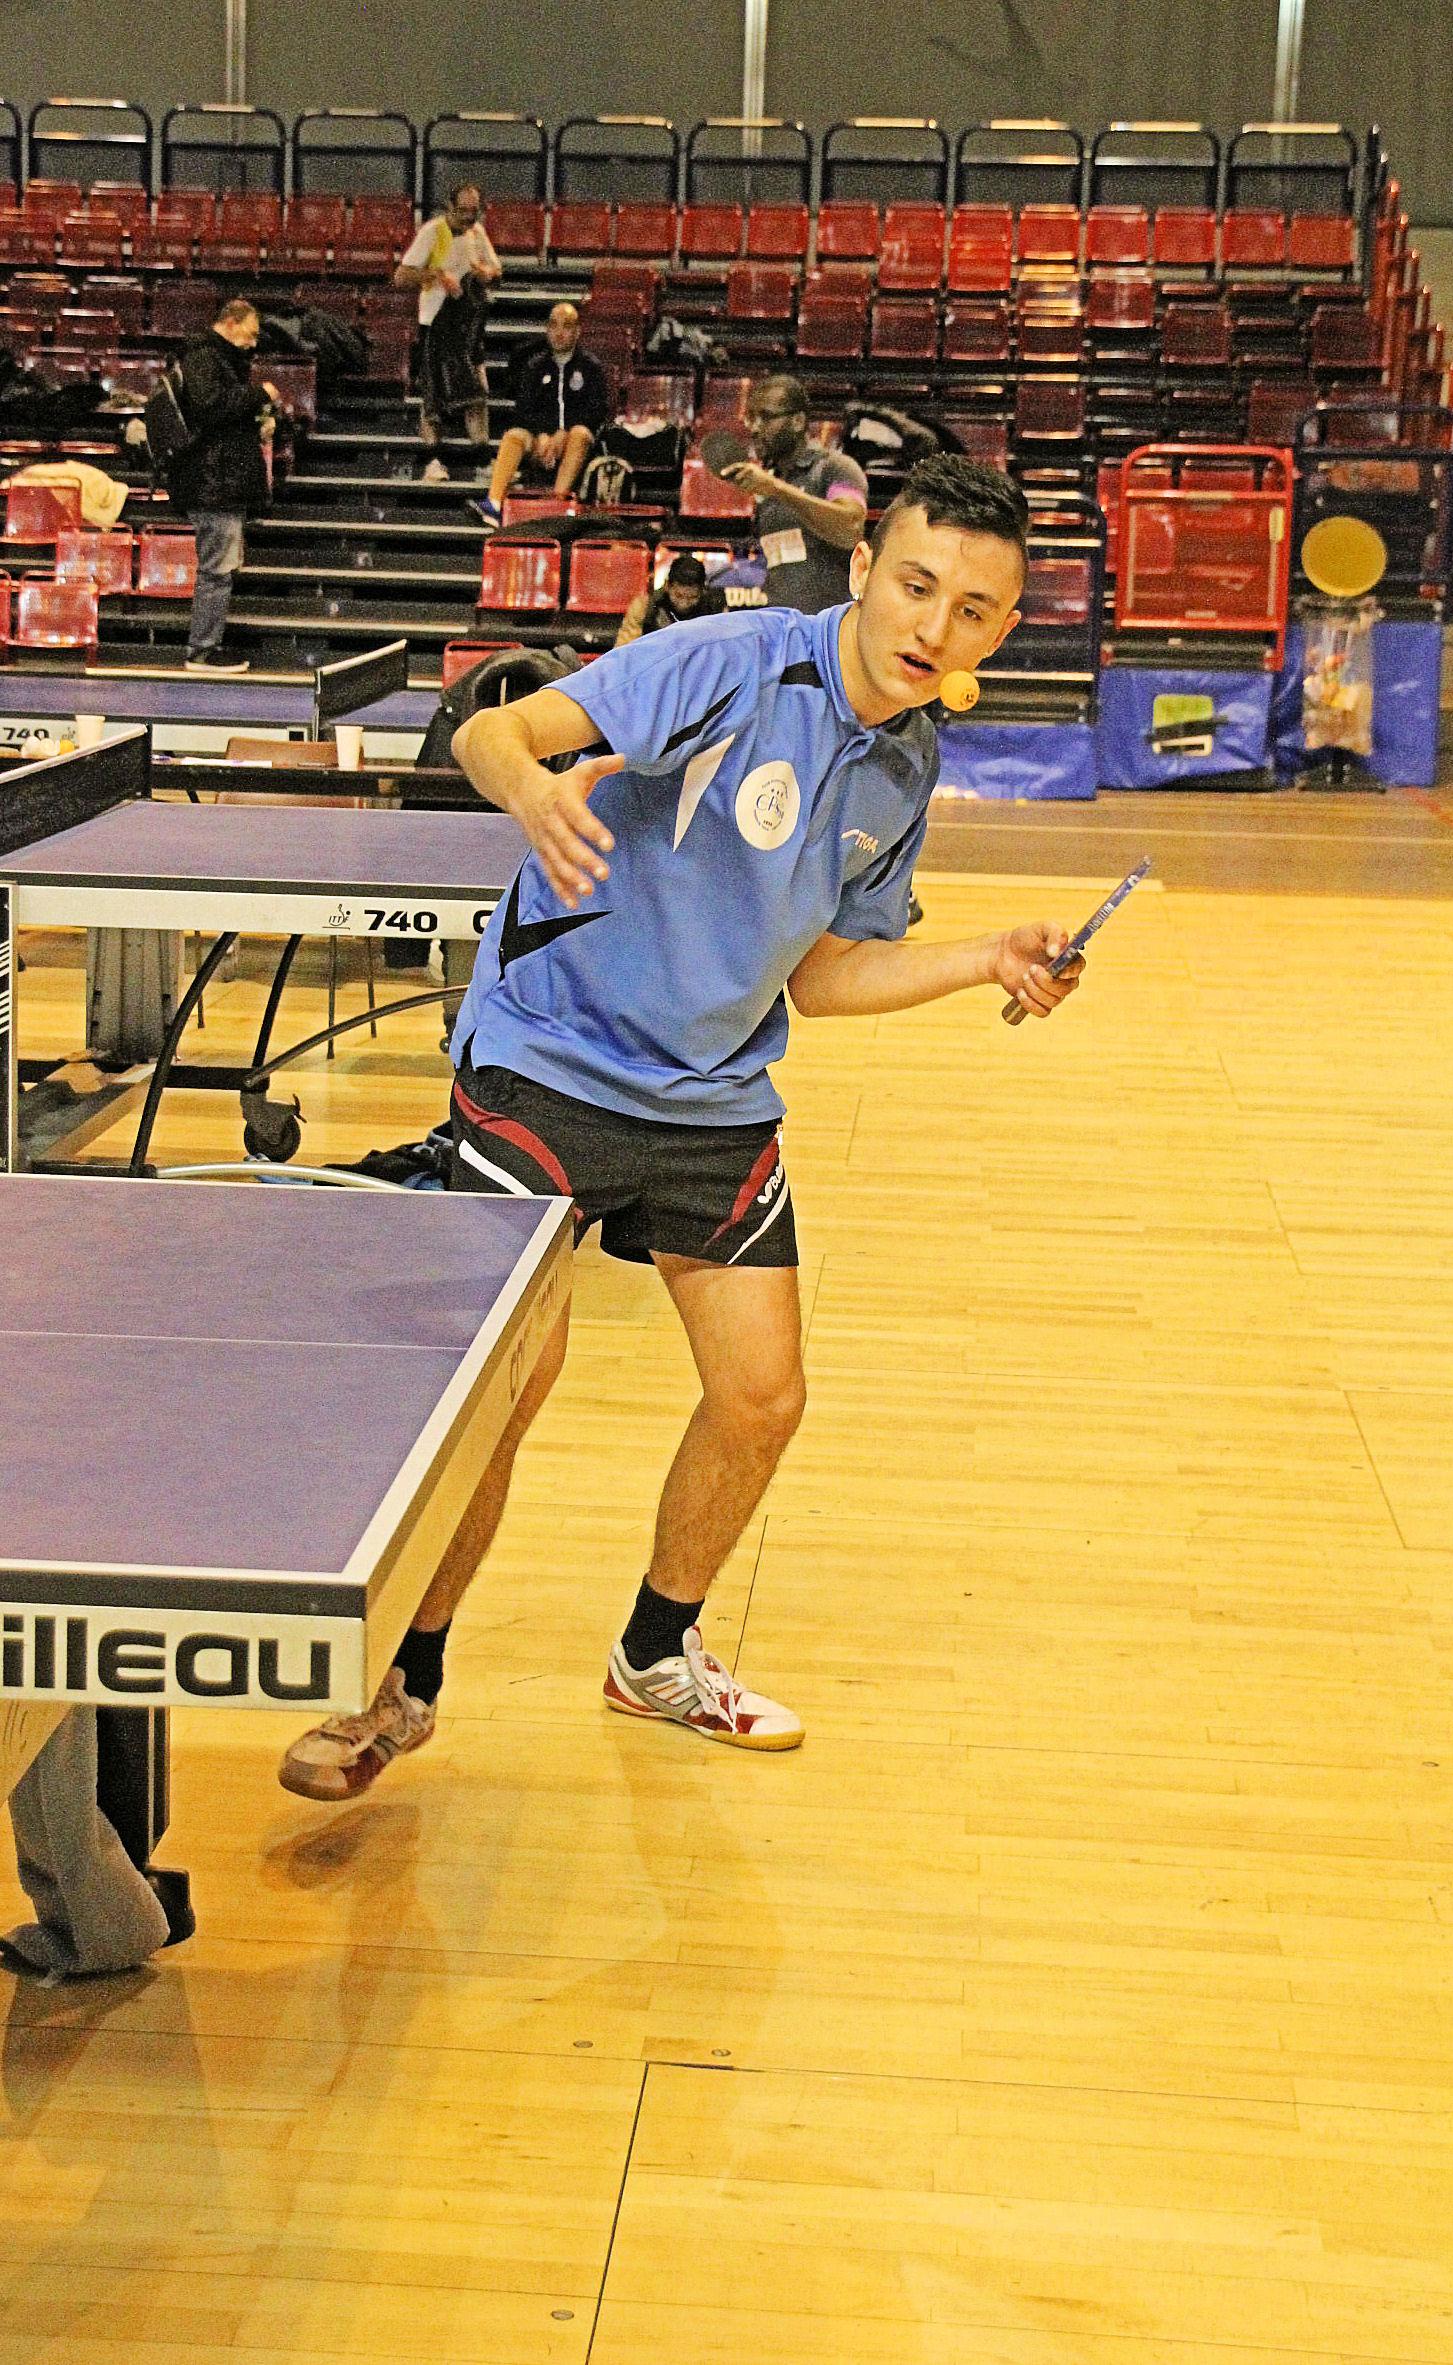 Le cps 10 l honneur du tournoi de carpentier cps 10 - Club tennis de table paris ...